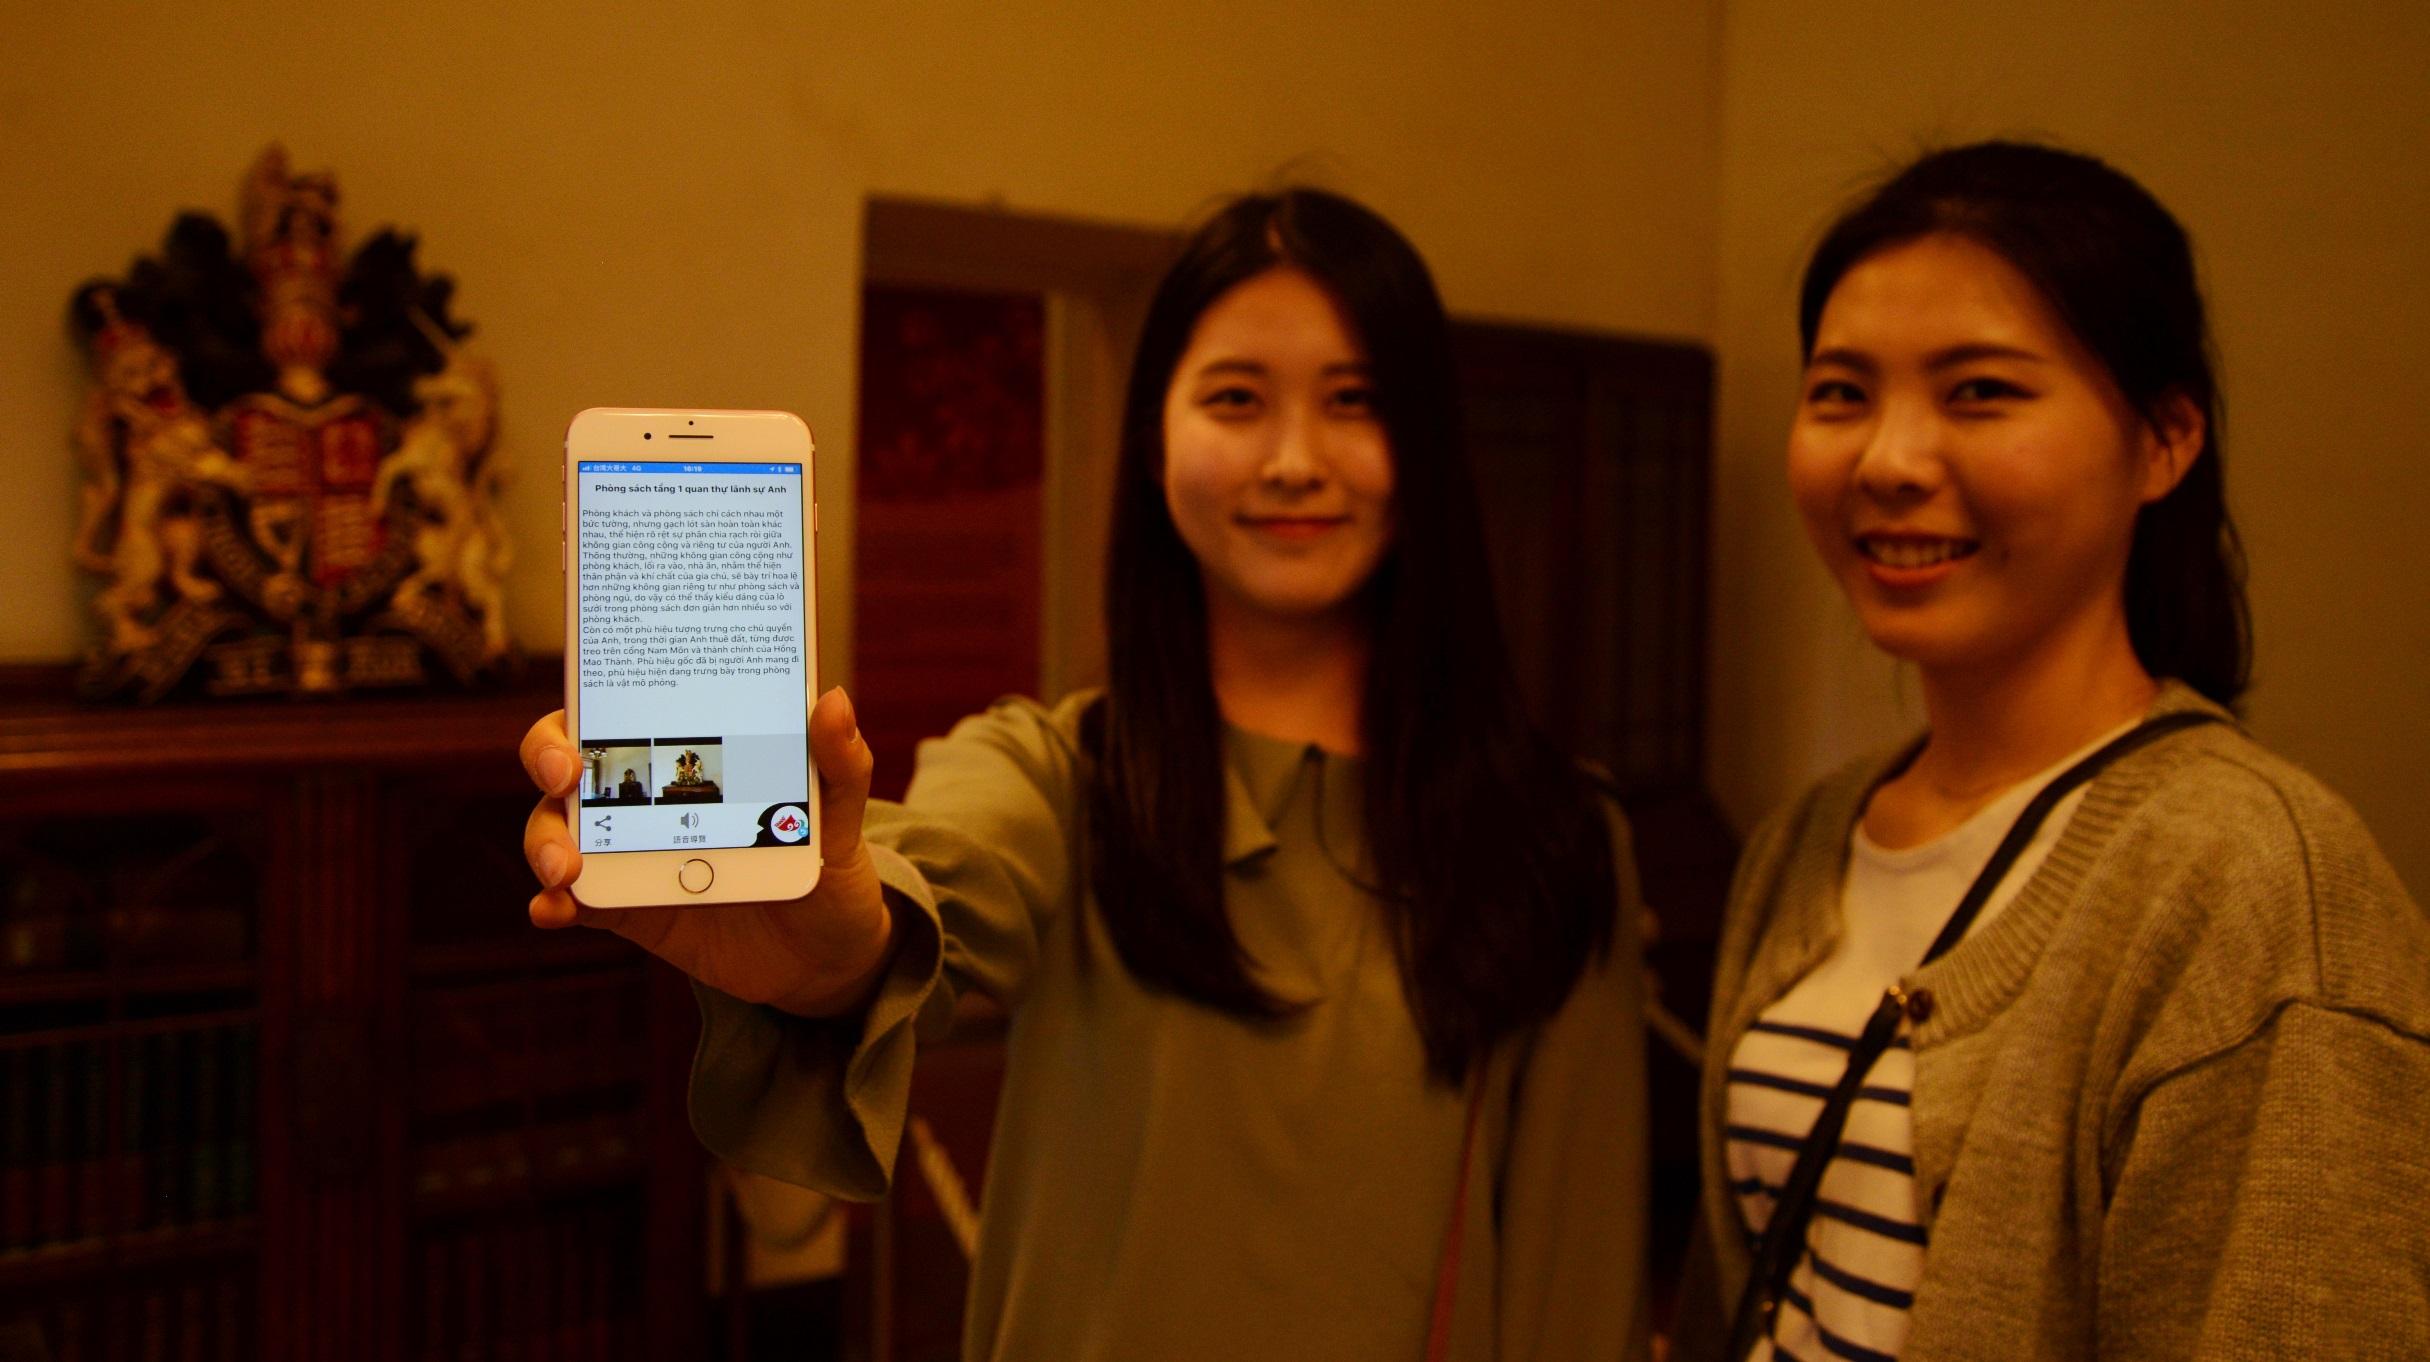 淡水古蹟博物館首創越南語Beacon行動導覽。